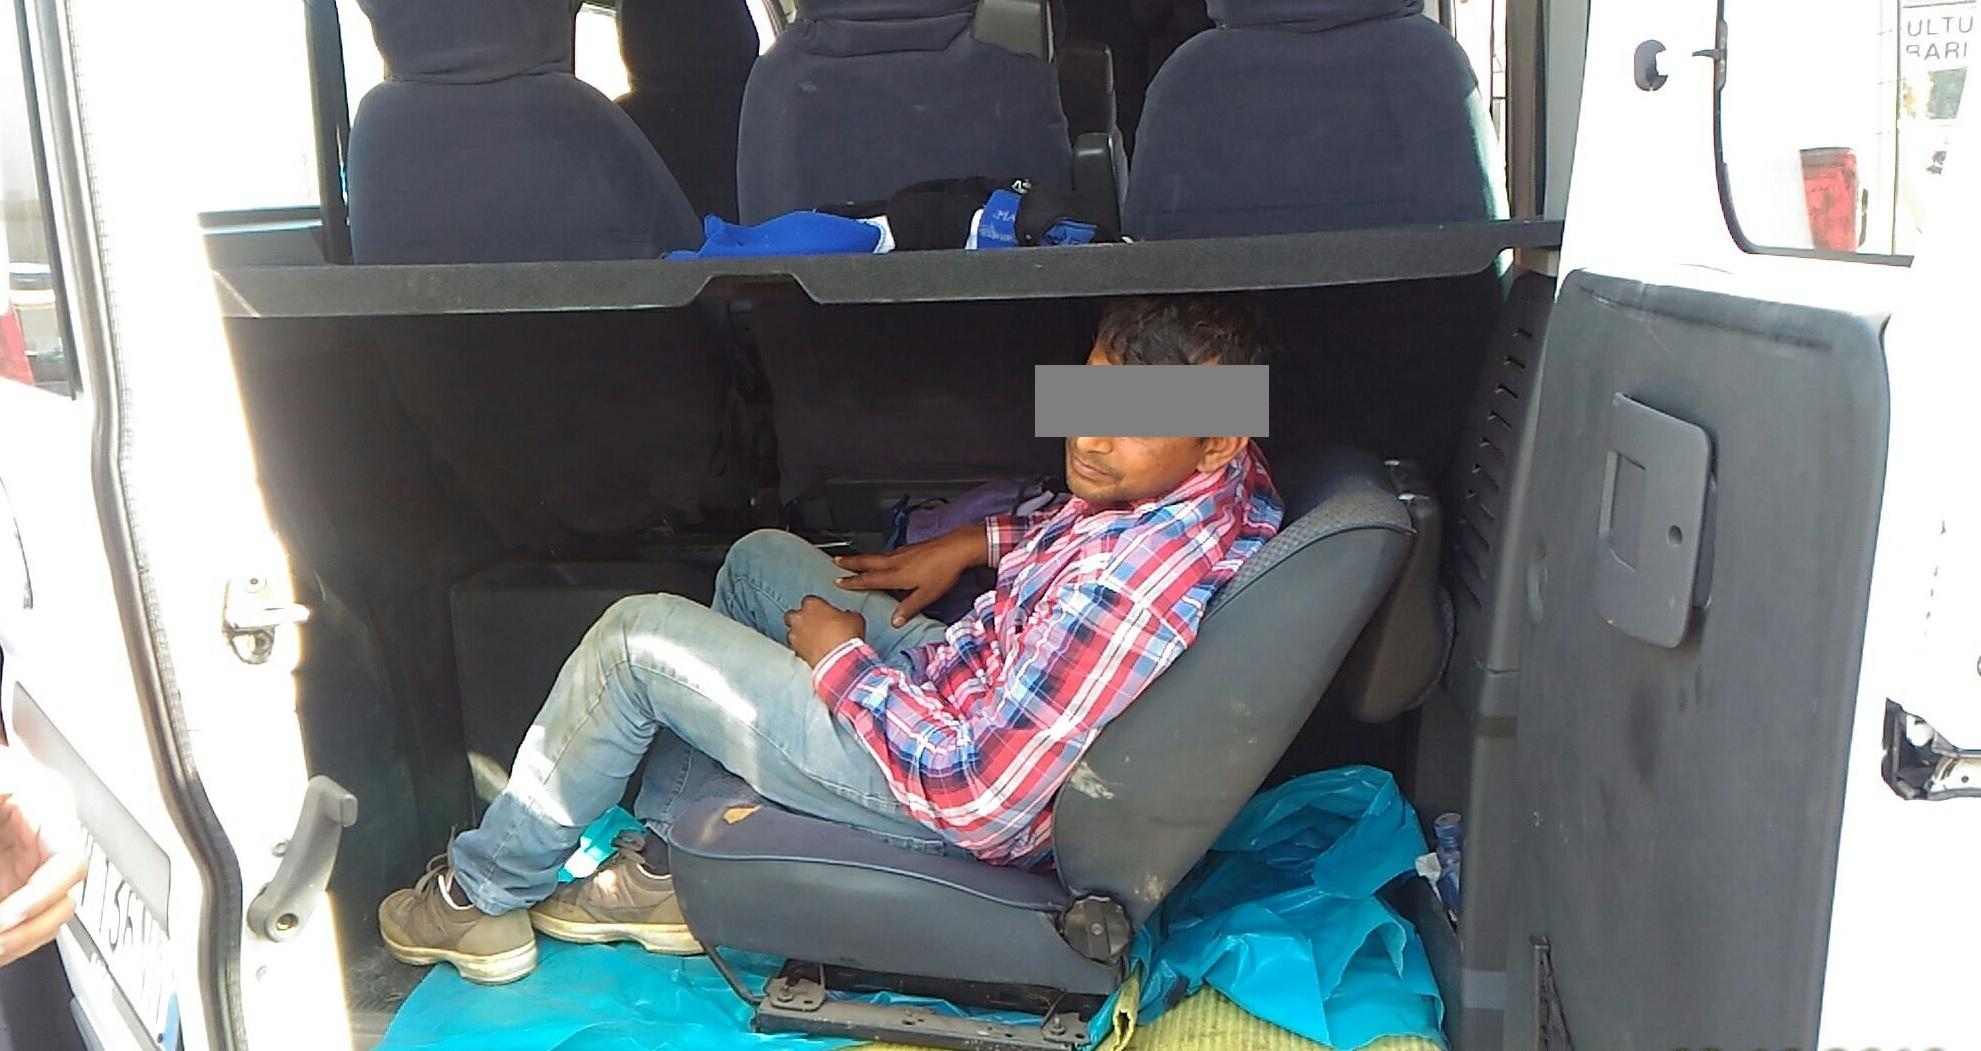 Operai trasportati anche nel vano portabagagliDenunciati 11 caporali in operazione nel Cosentino